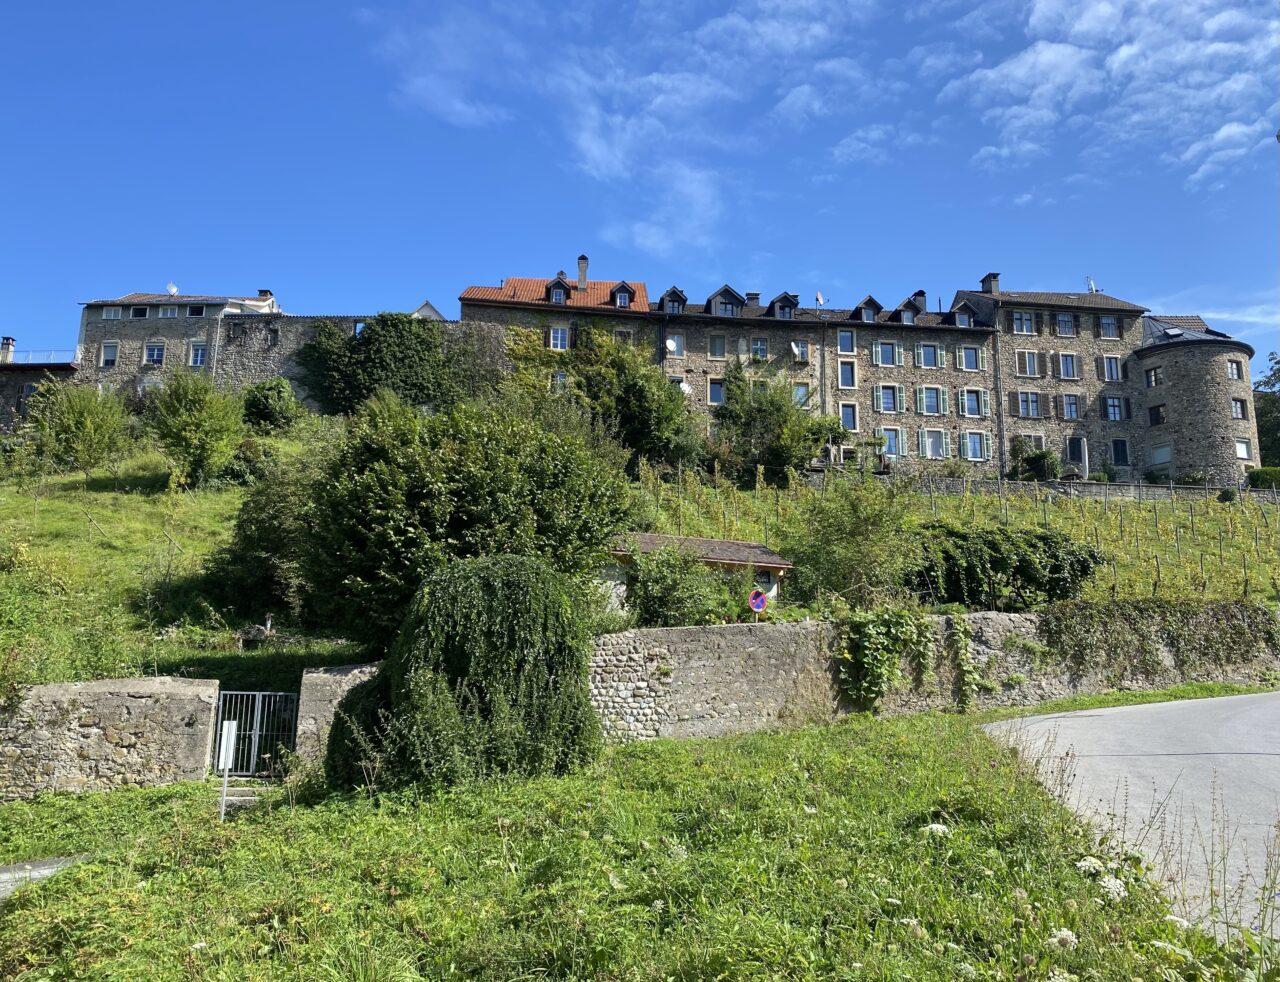 Österreich Rundreise - Tag 6 (Bregenz)